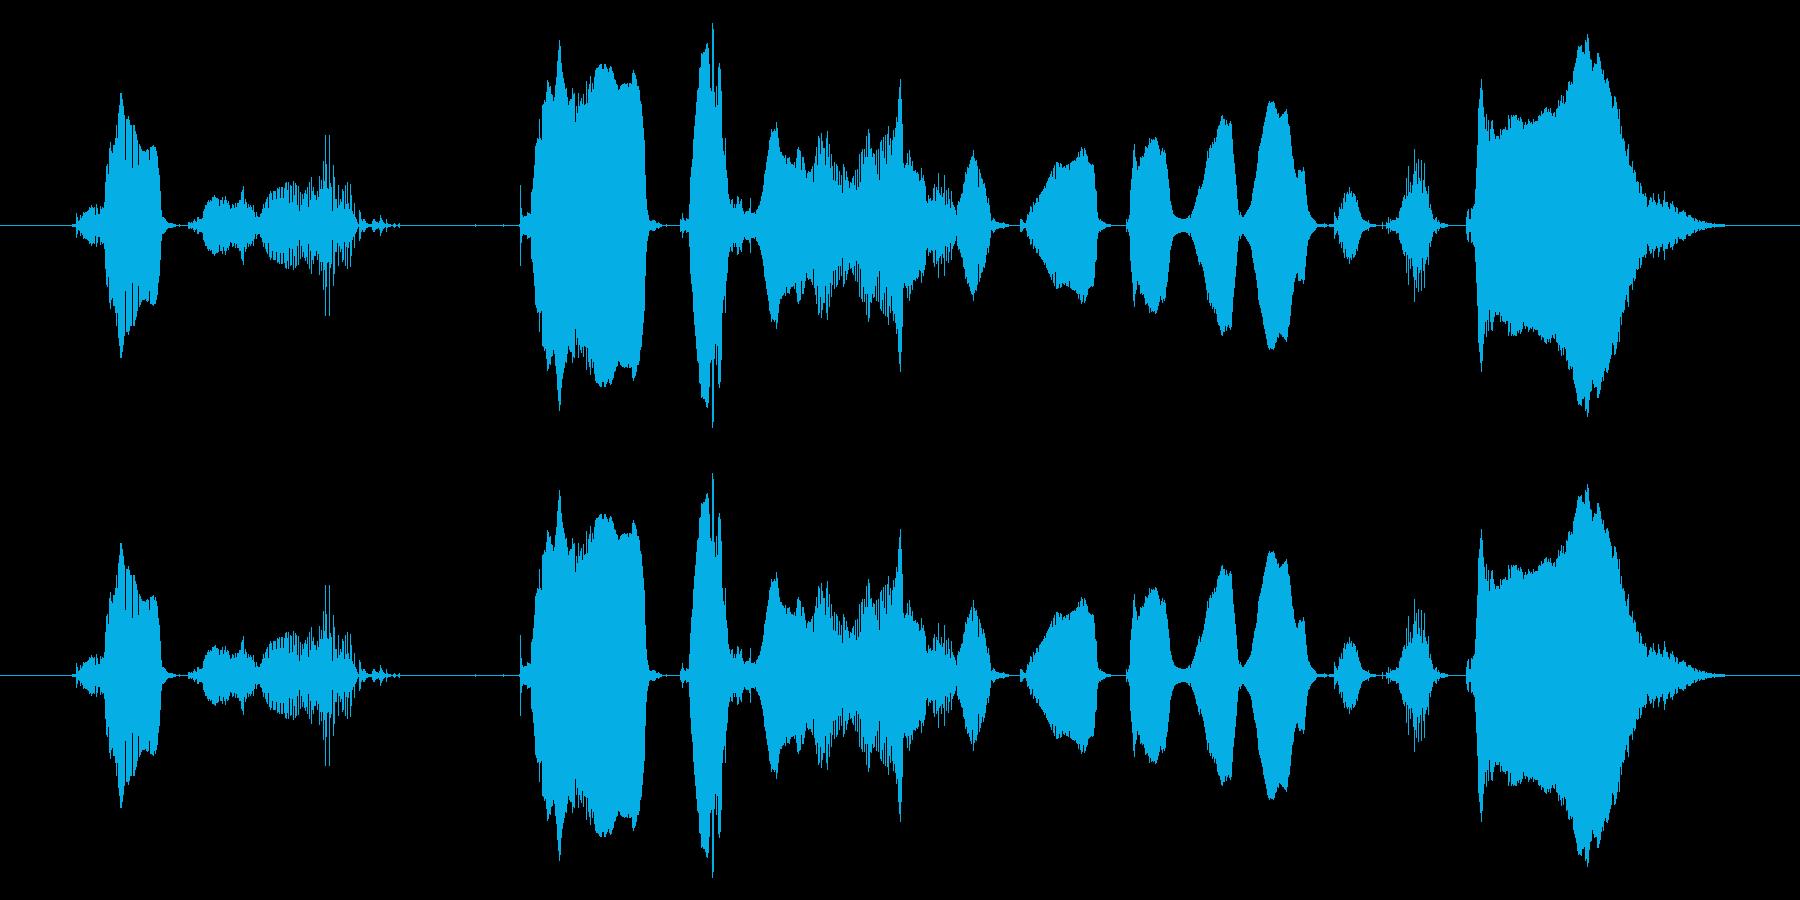 【ラジオ・パーソナリティ・ED】今日こ…の再生済みの波形